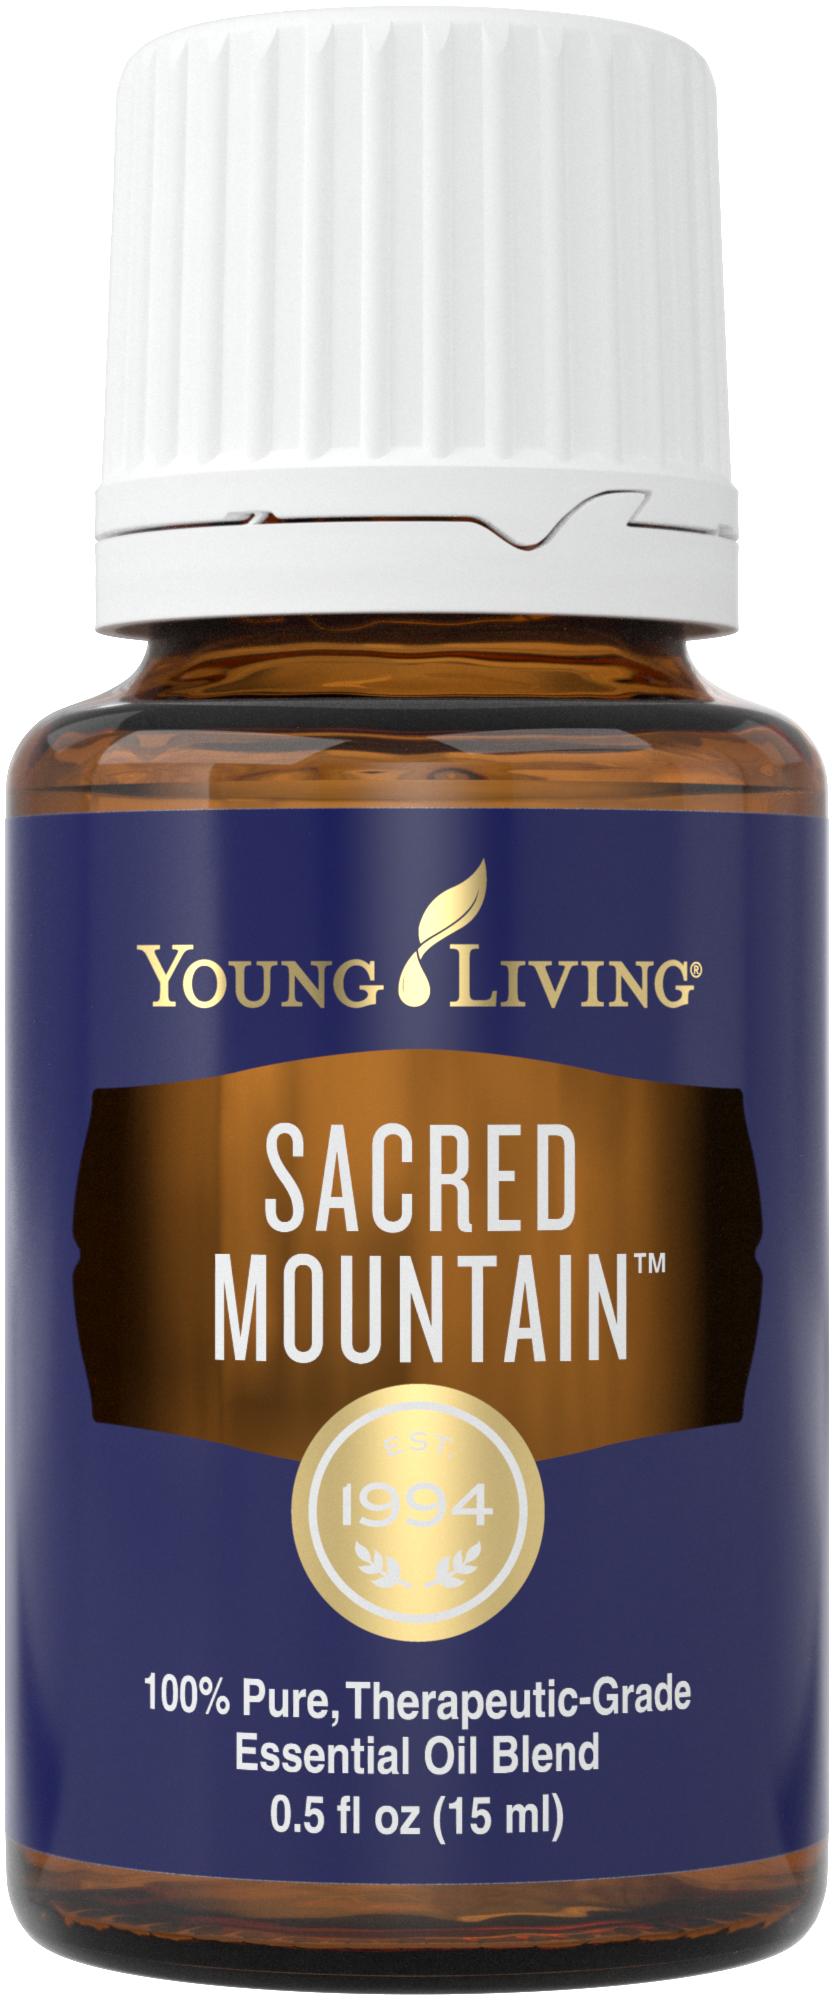 Sacred Mountain.png